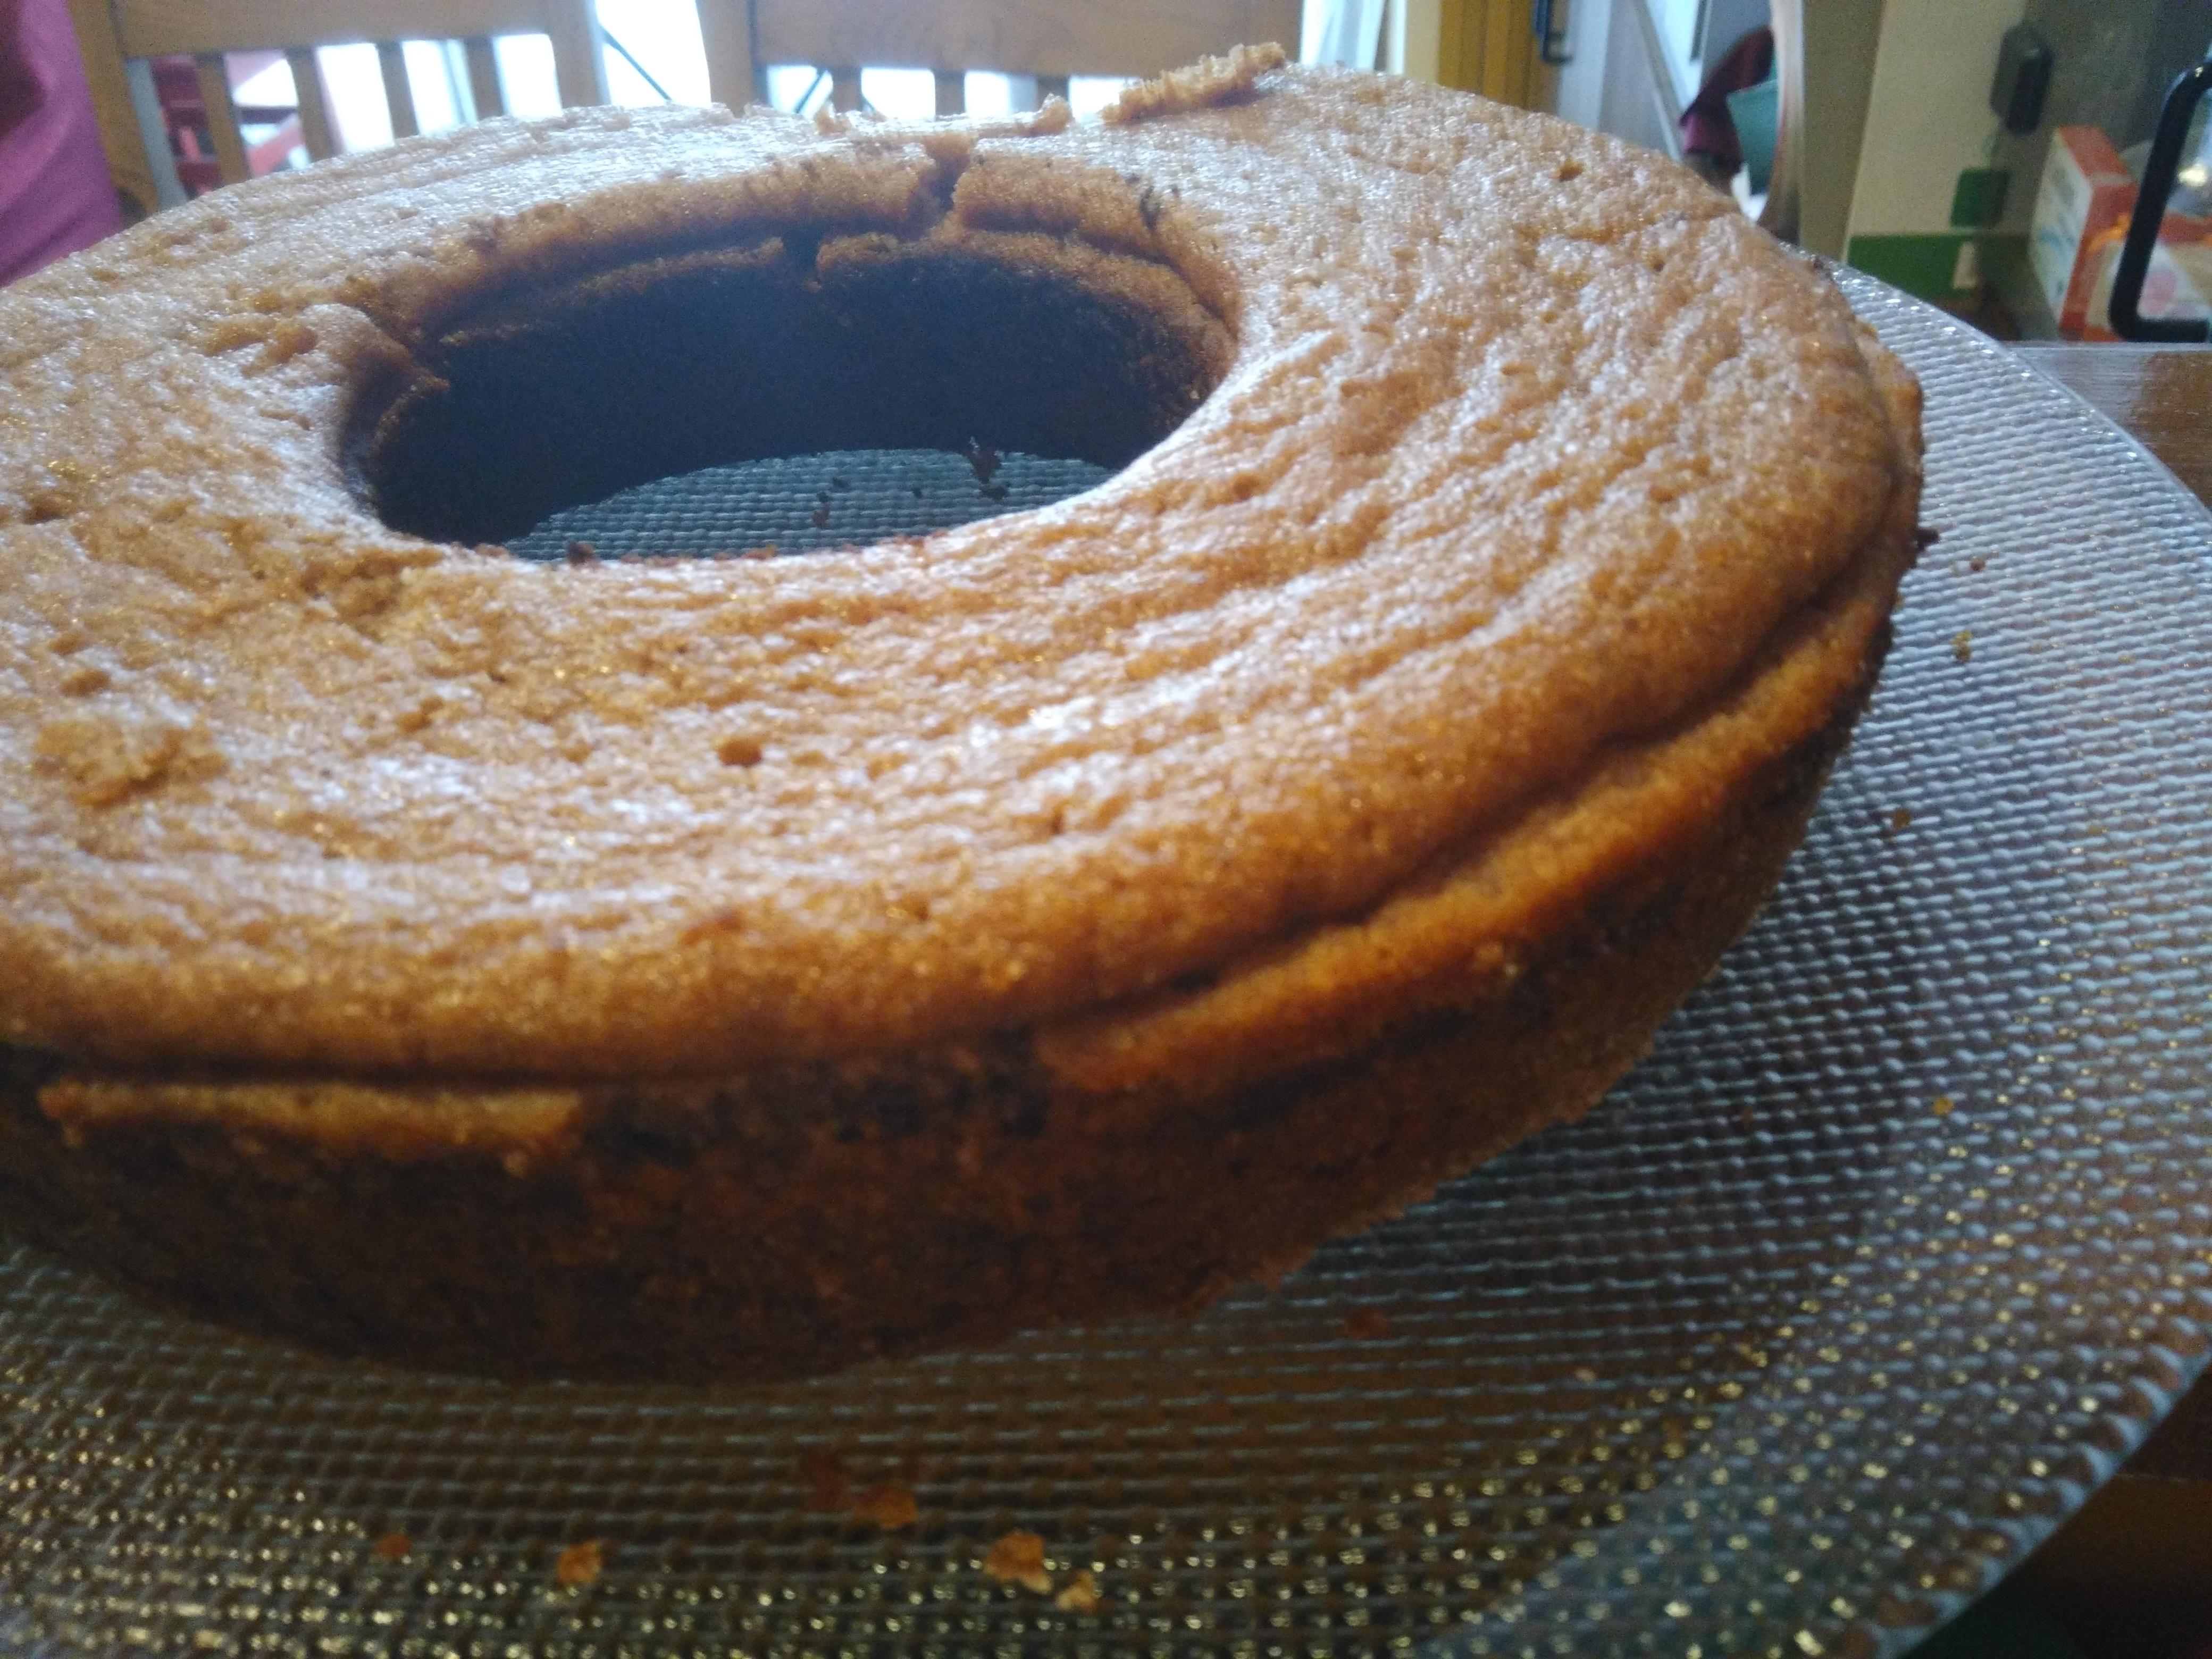 Torta morbida alla marmellata - Fornetto versilia, estense o tradizionale